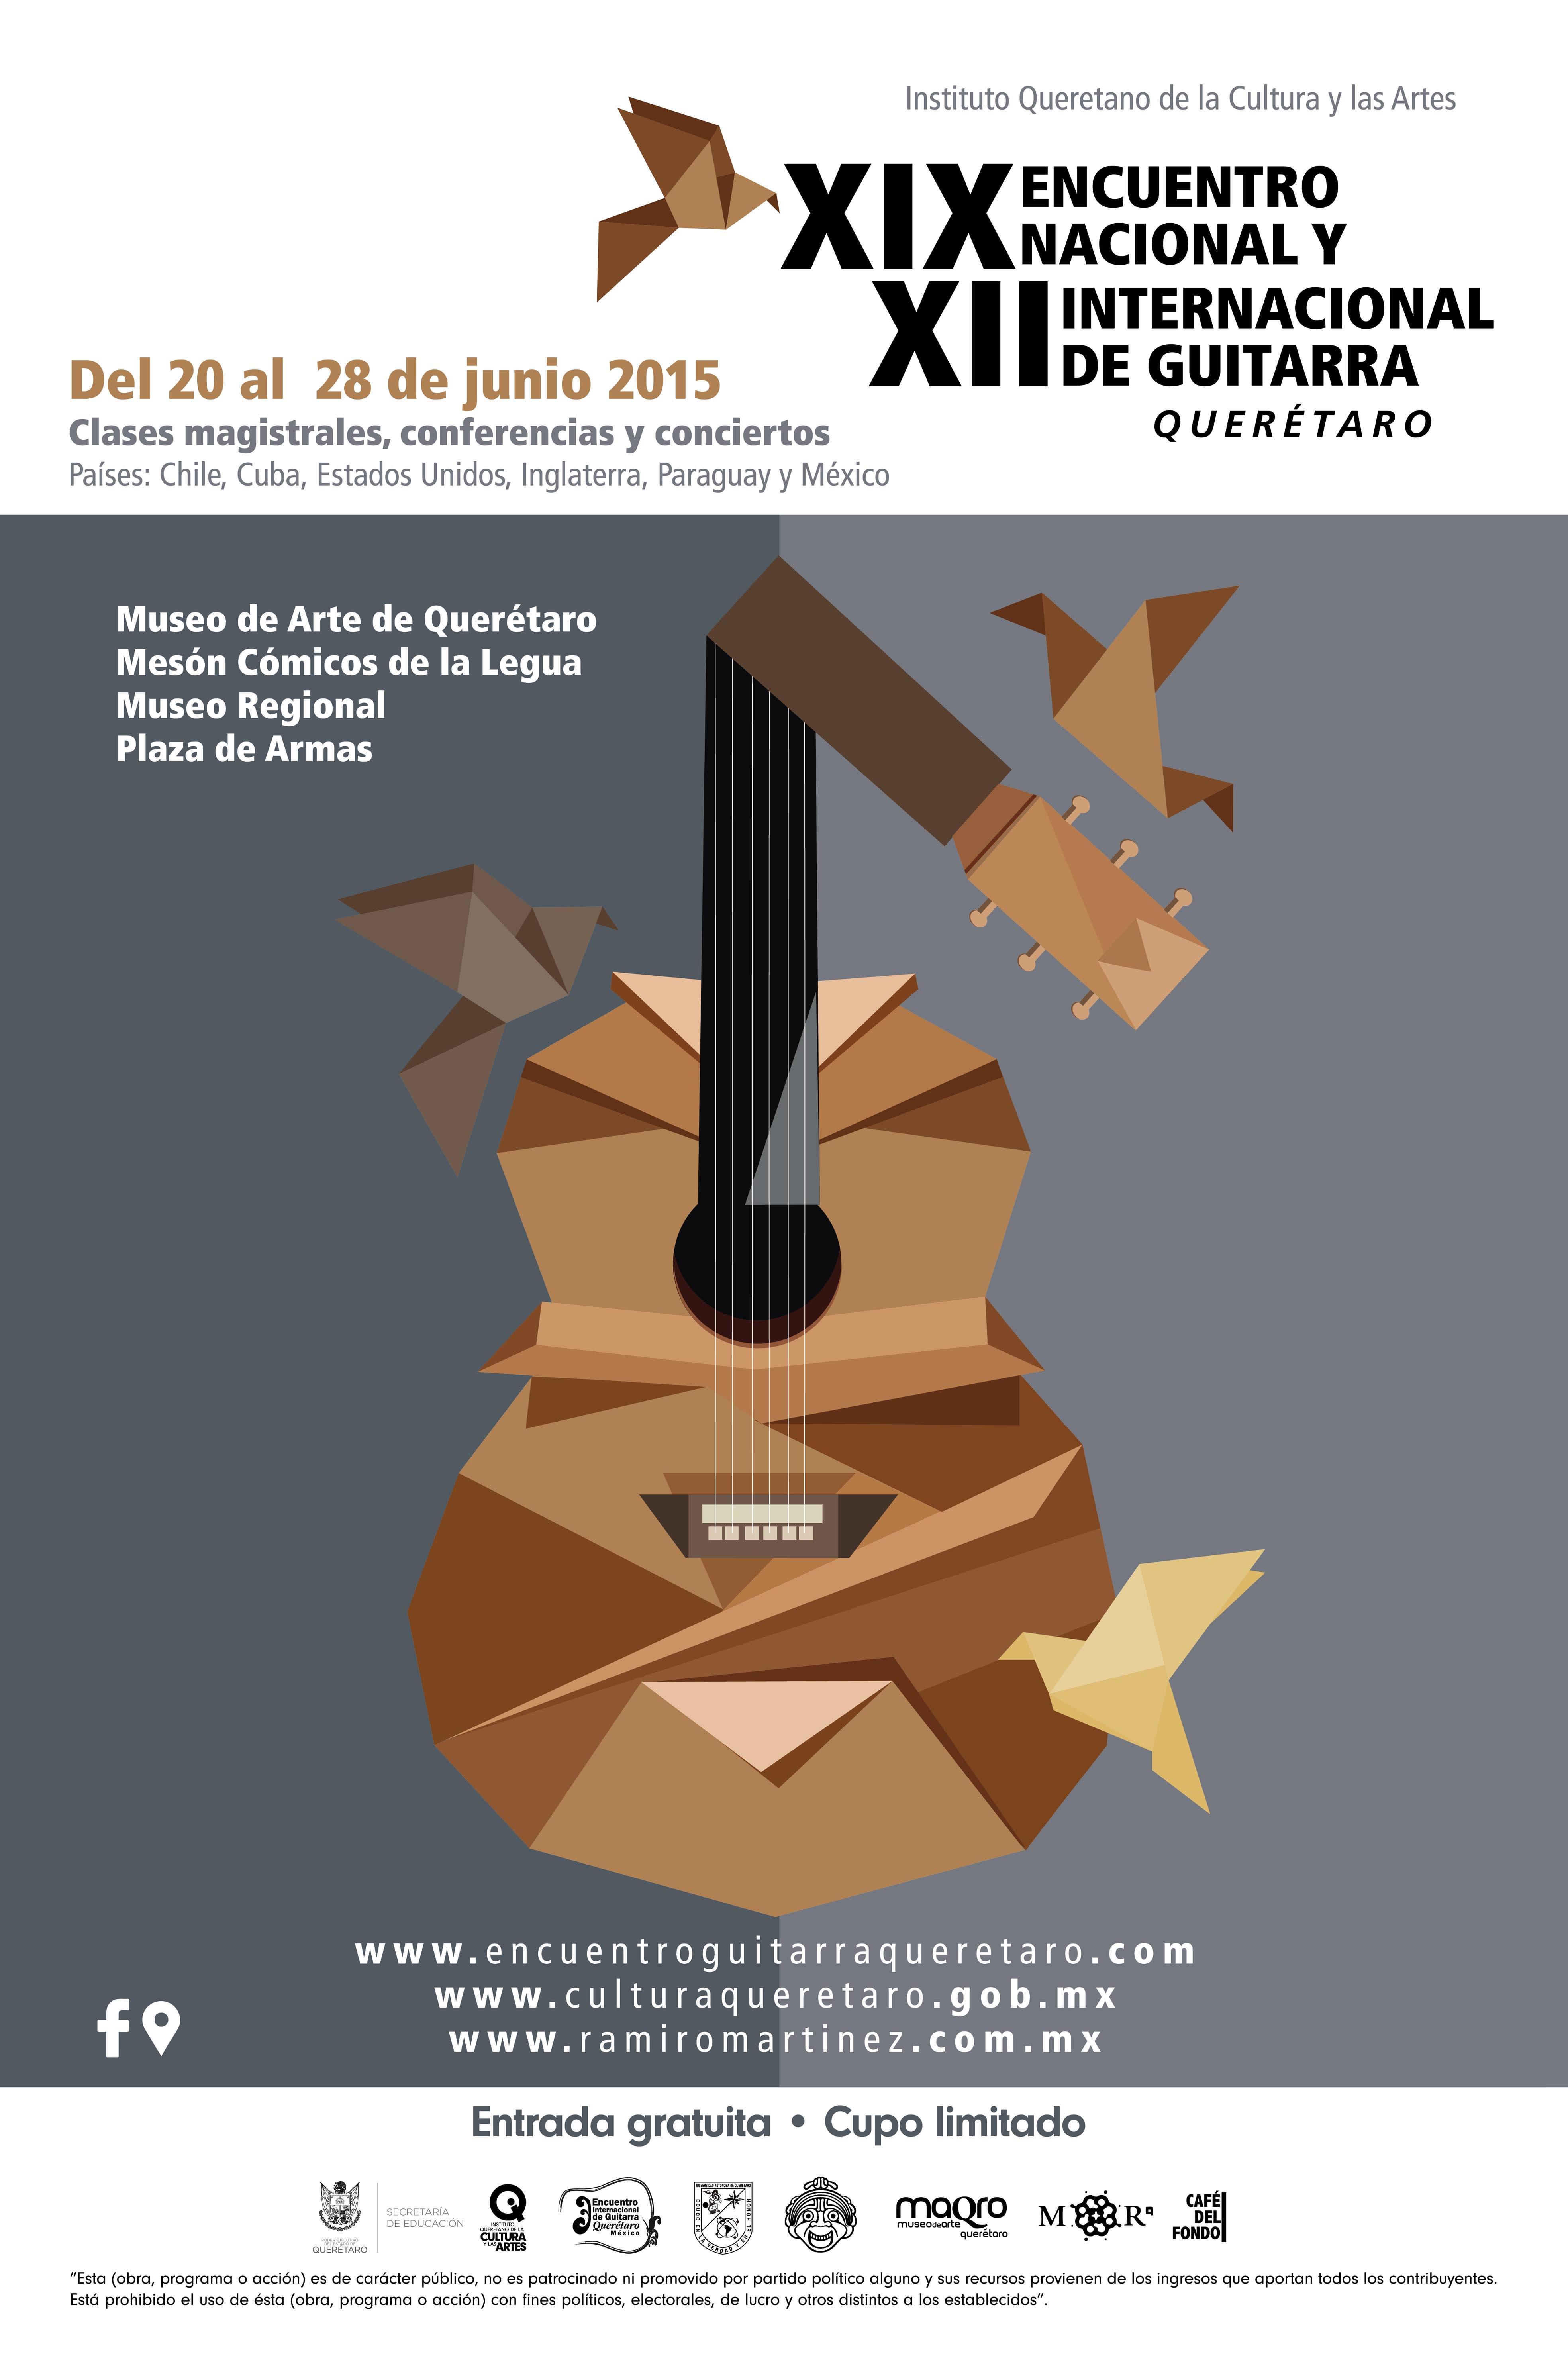 XIX Encuentro Nacional y XII Internacional de Guitarra Querétaro